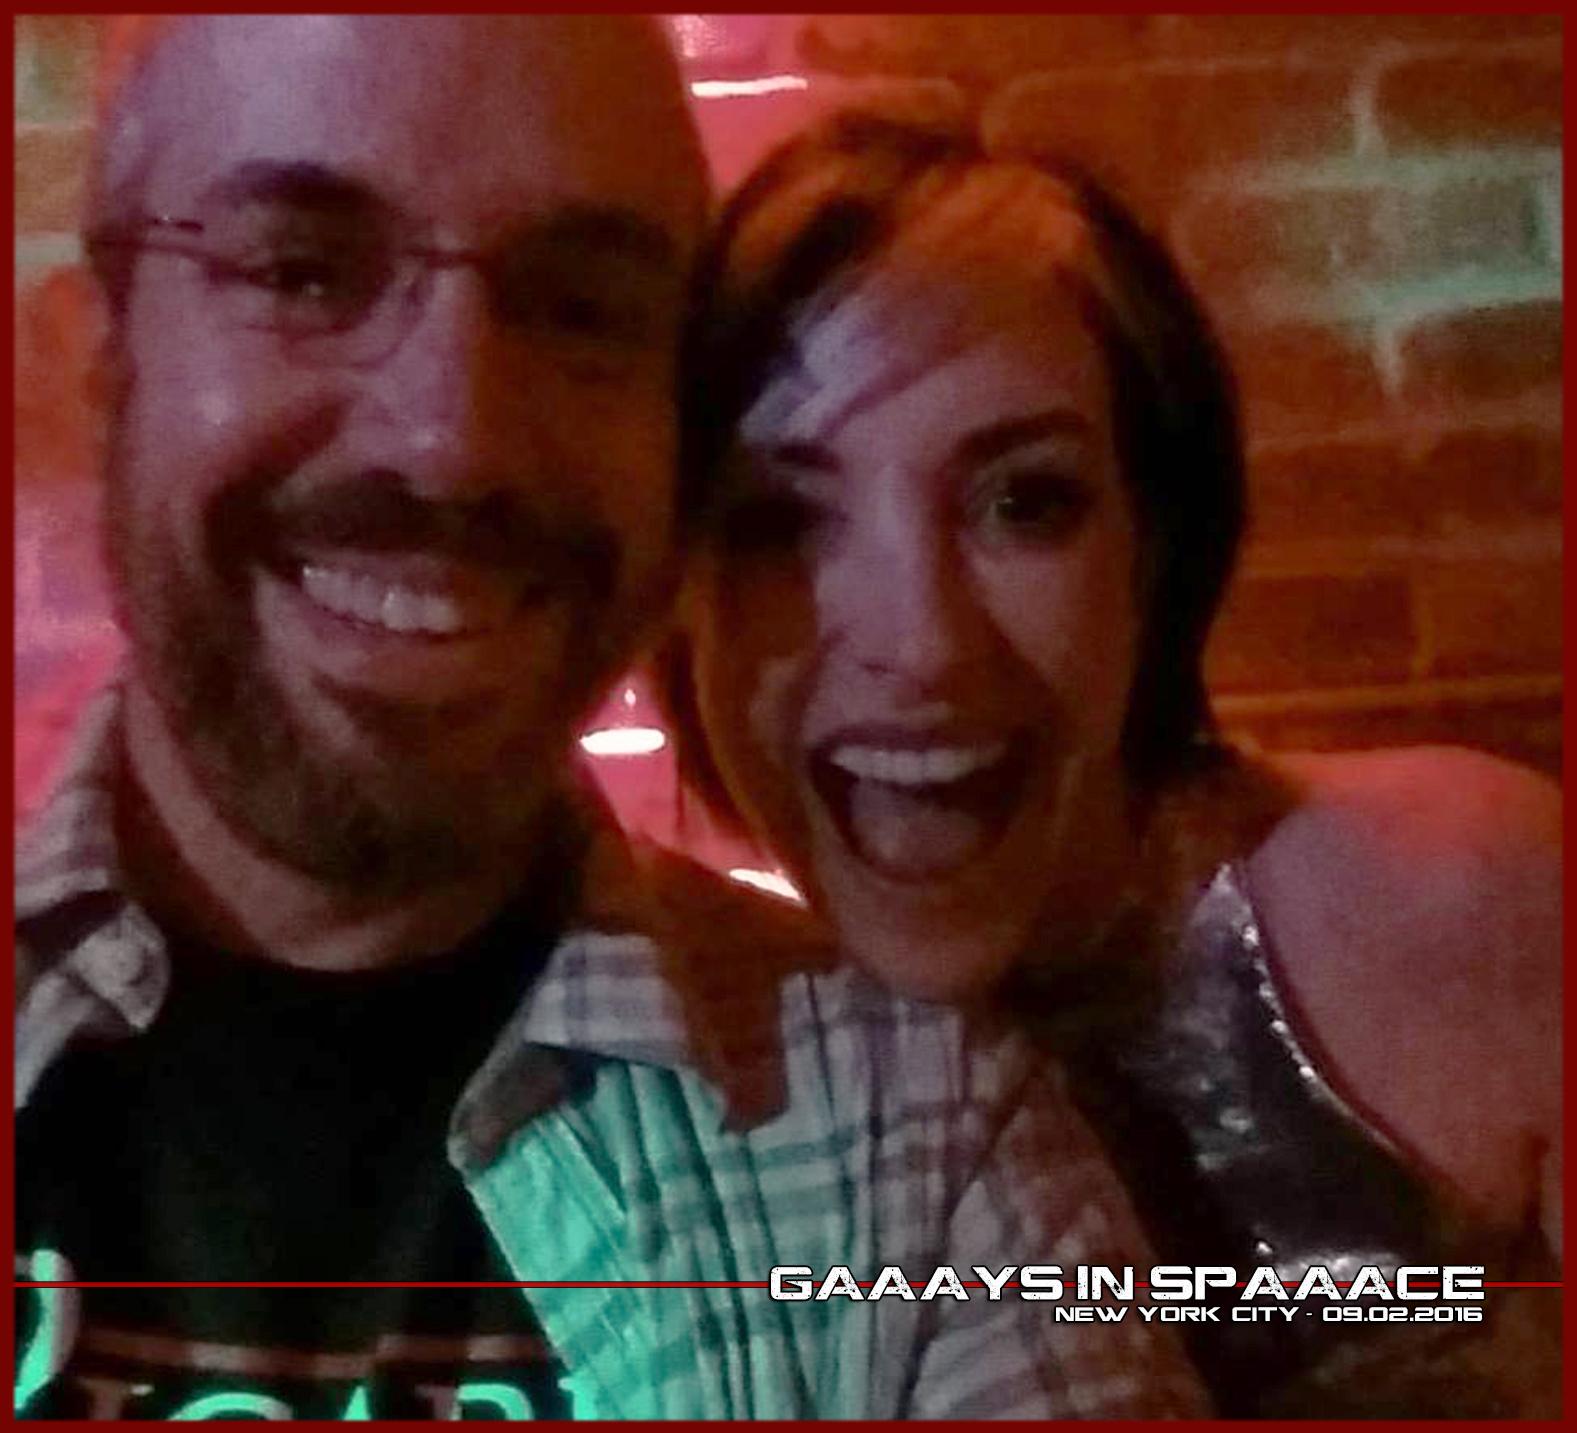 GaaaysInSpaaaceParty-NYC-9-2-2016-14-NanaVisitor-2-Non-Trek.jpg